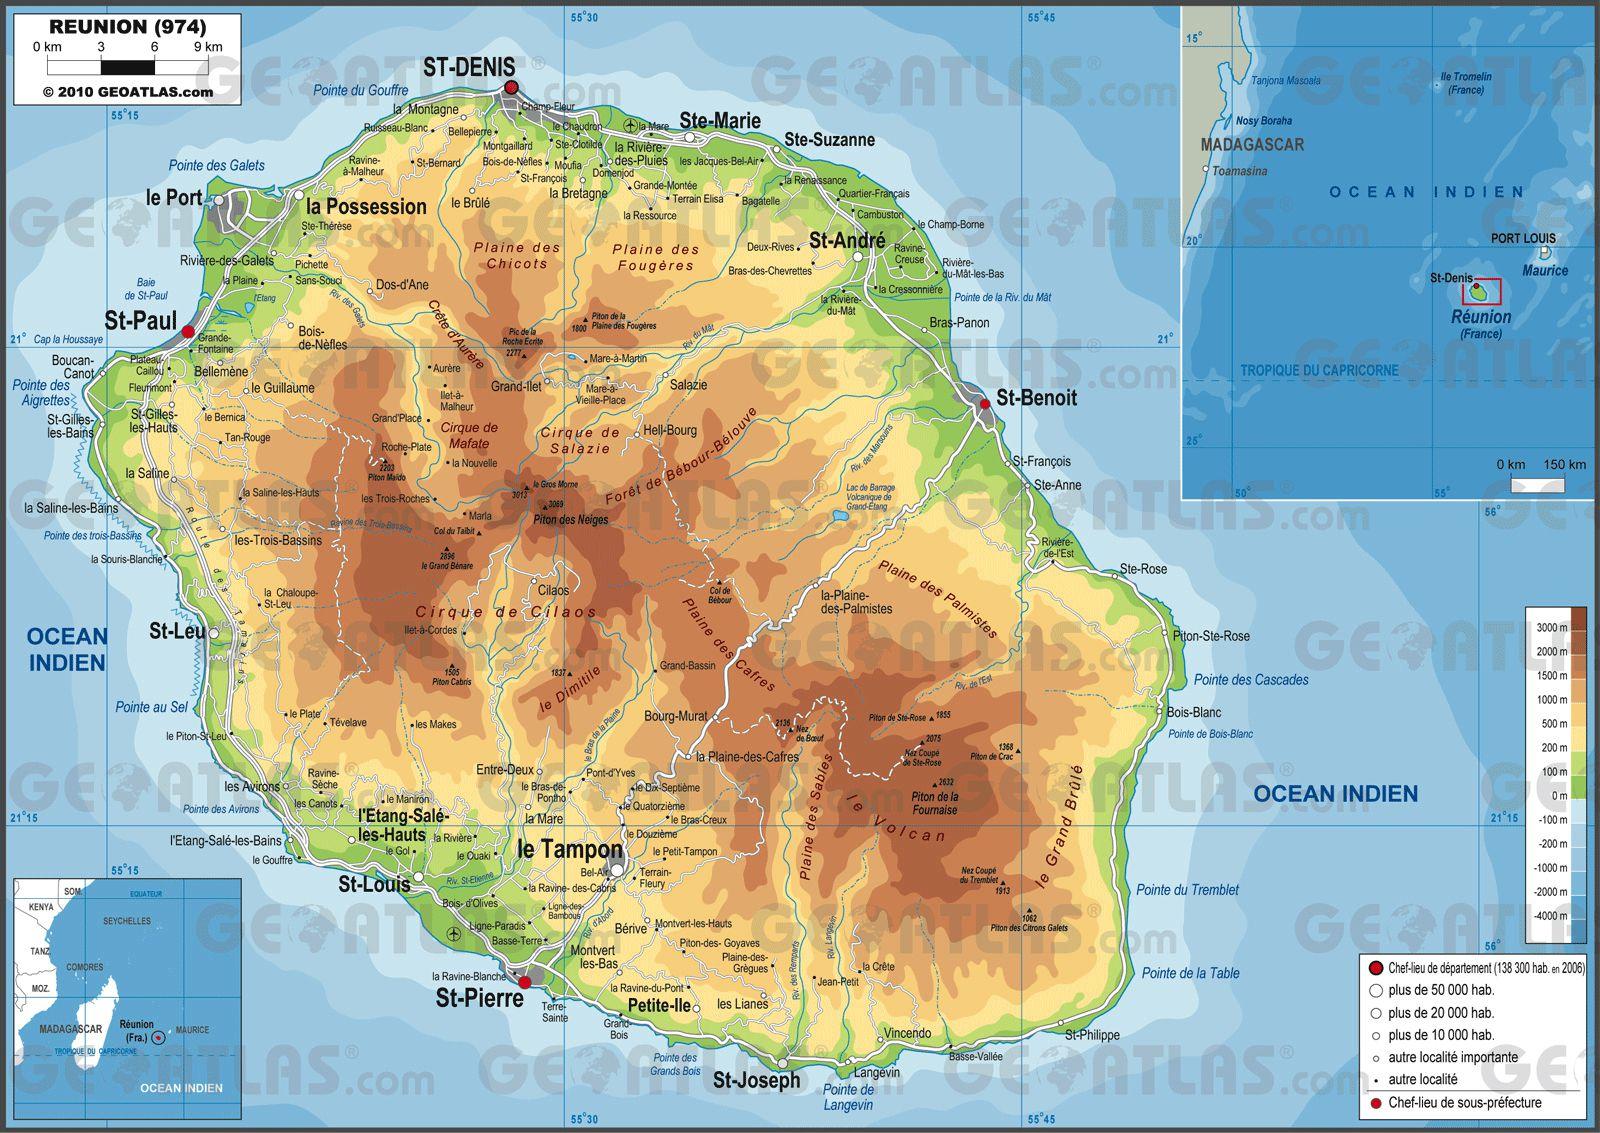 Connu Carte de La Réunion - La Réunion cartes des villes, relief  VS53